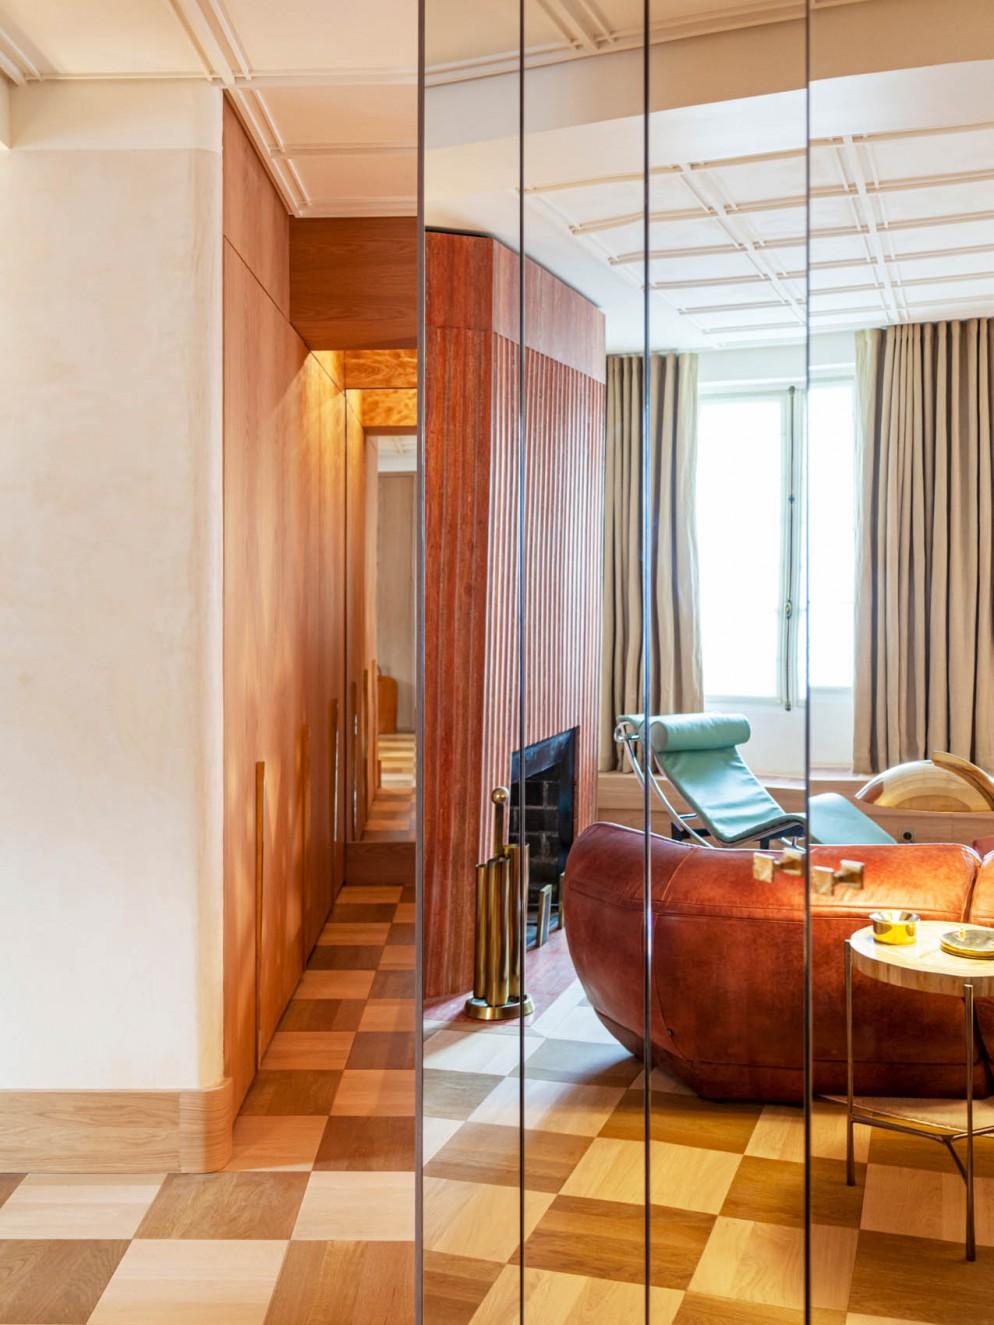 casa-progetto-toro-and-liutard-architetti- Toro-and-liautard03